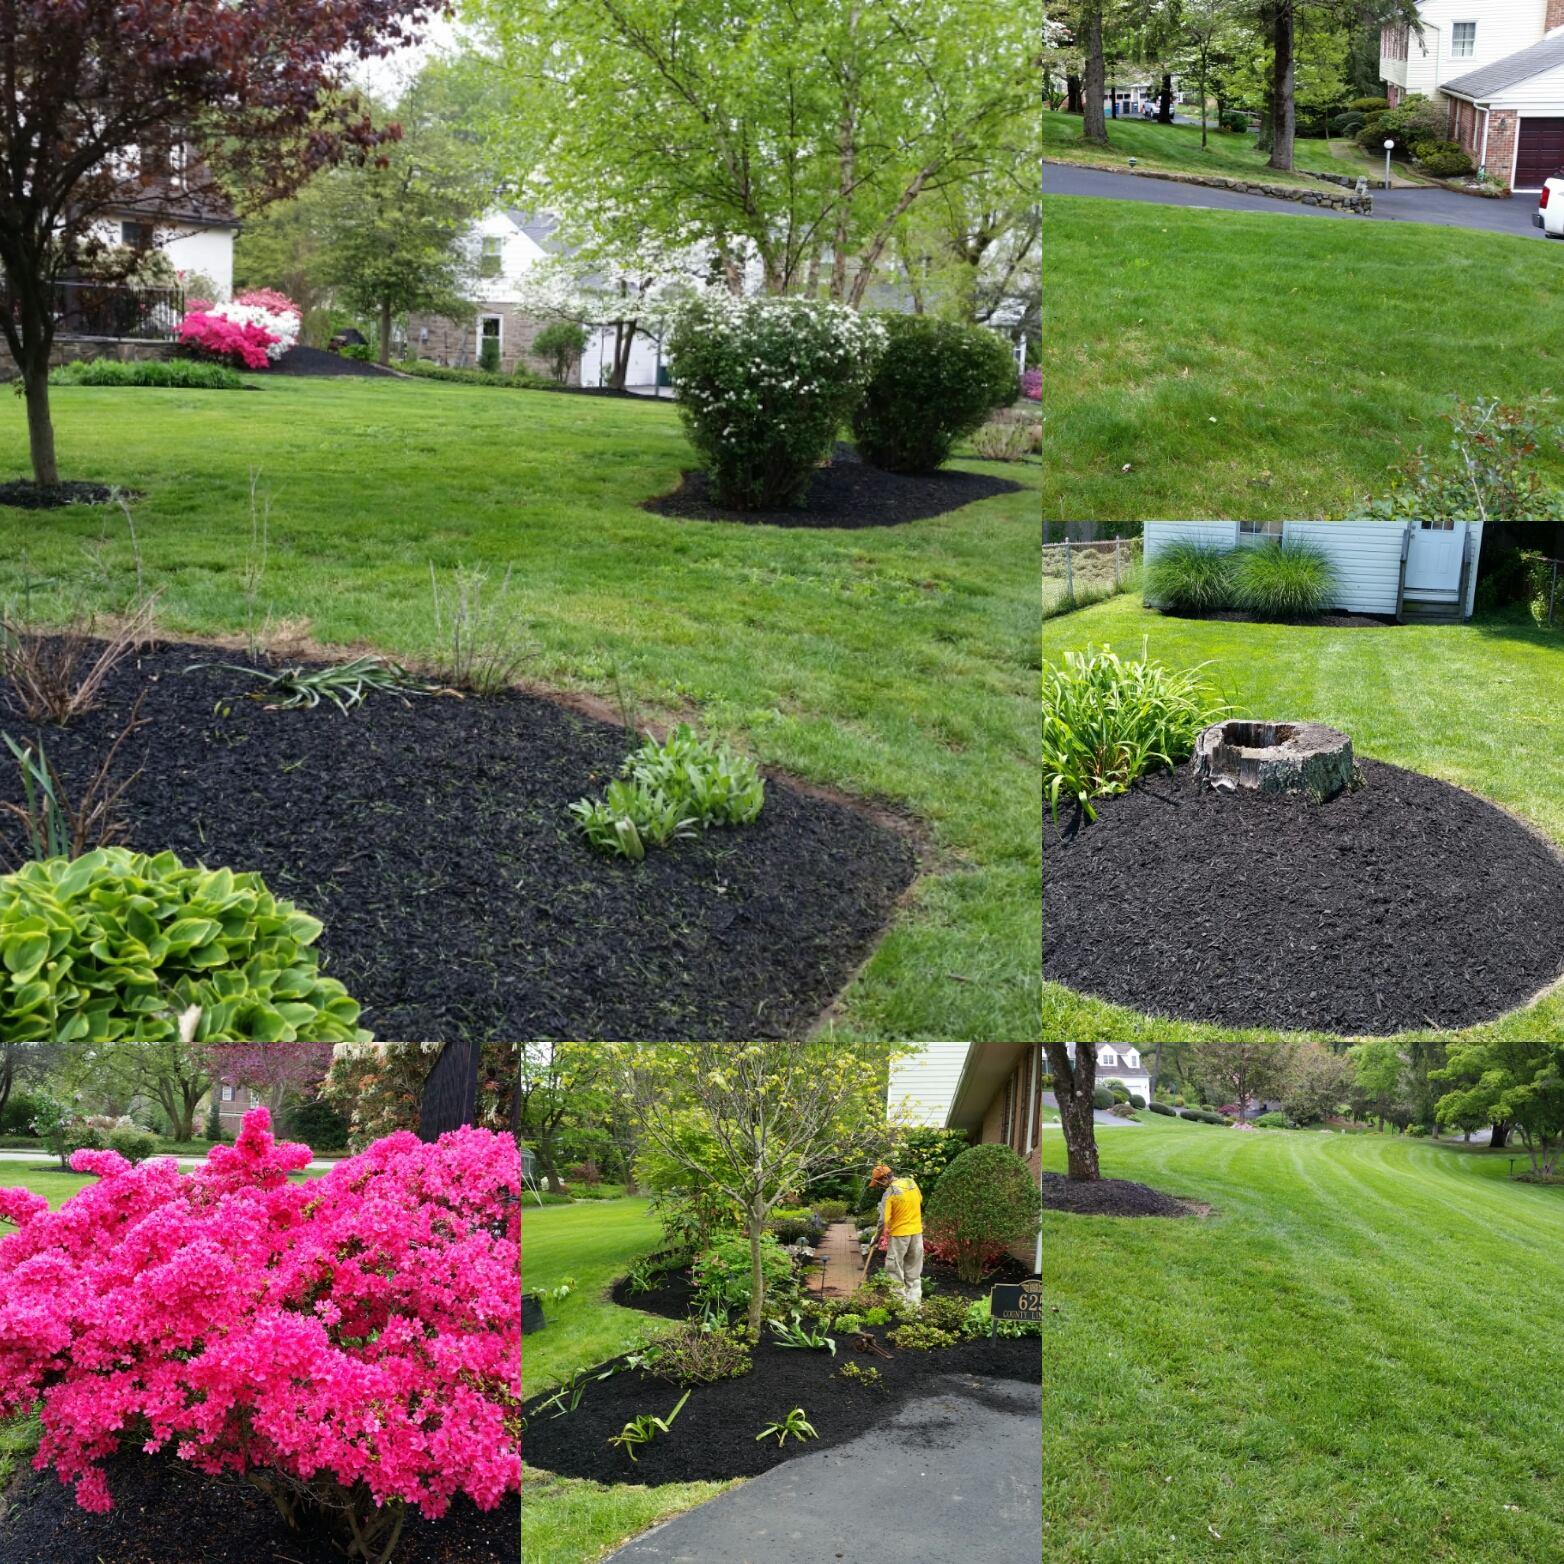 Tony Landscaping